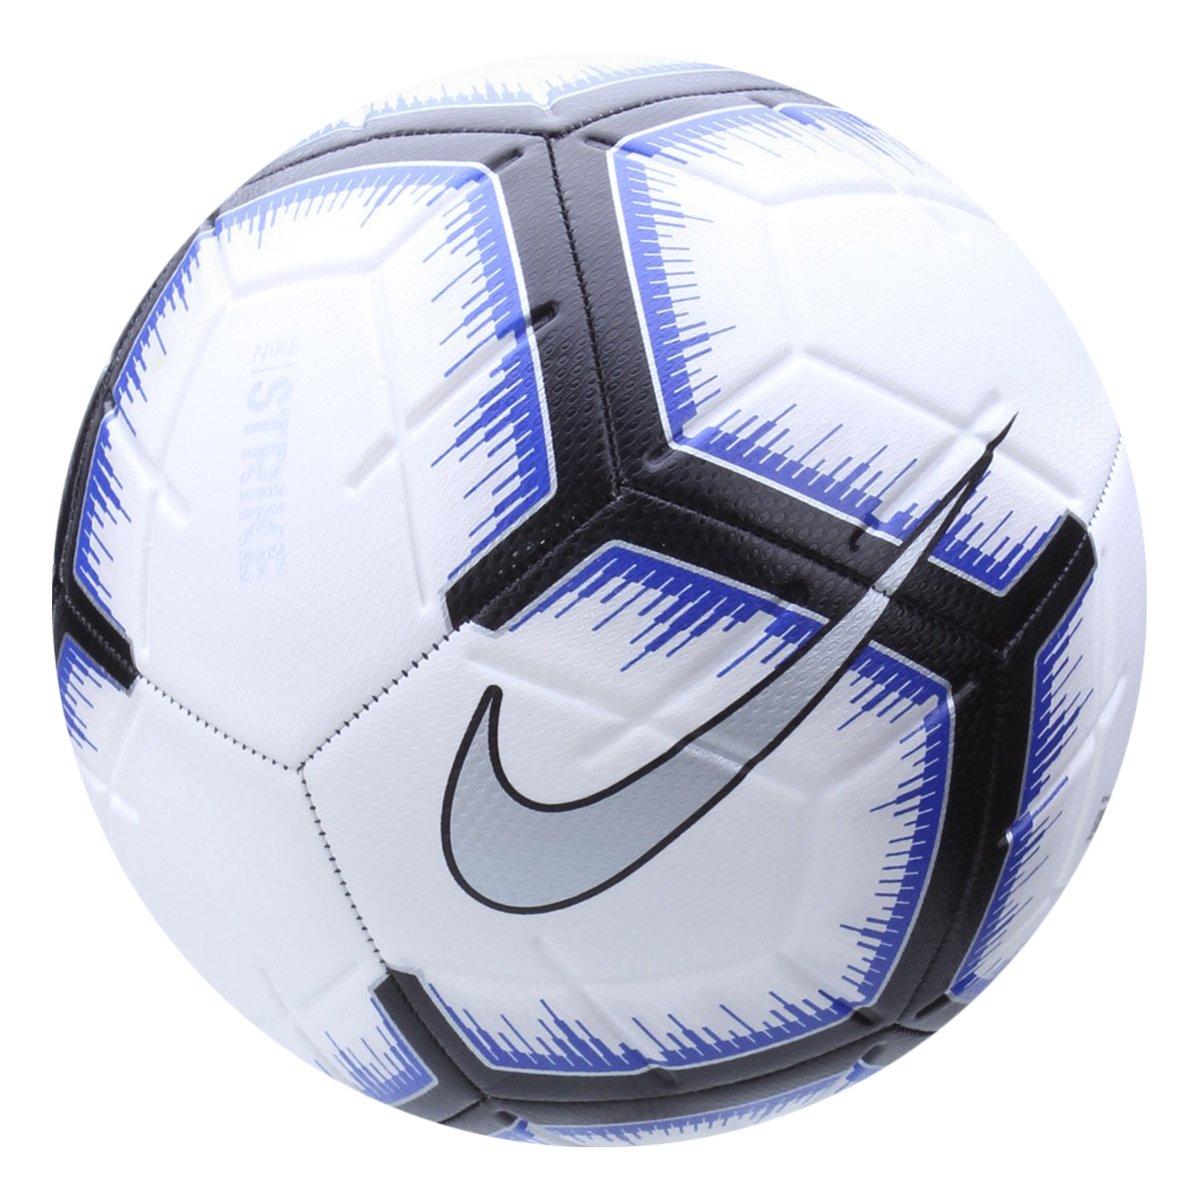 818a4e216 Bola de Futebol Campo Strike Nike - Branco e Azul - Compre Agora ...